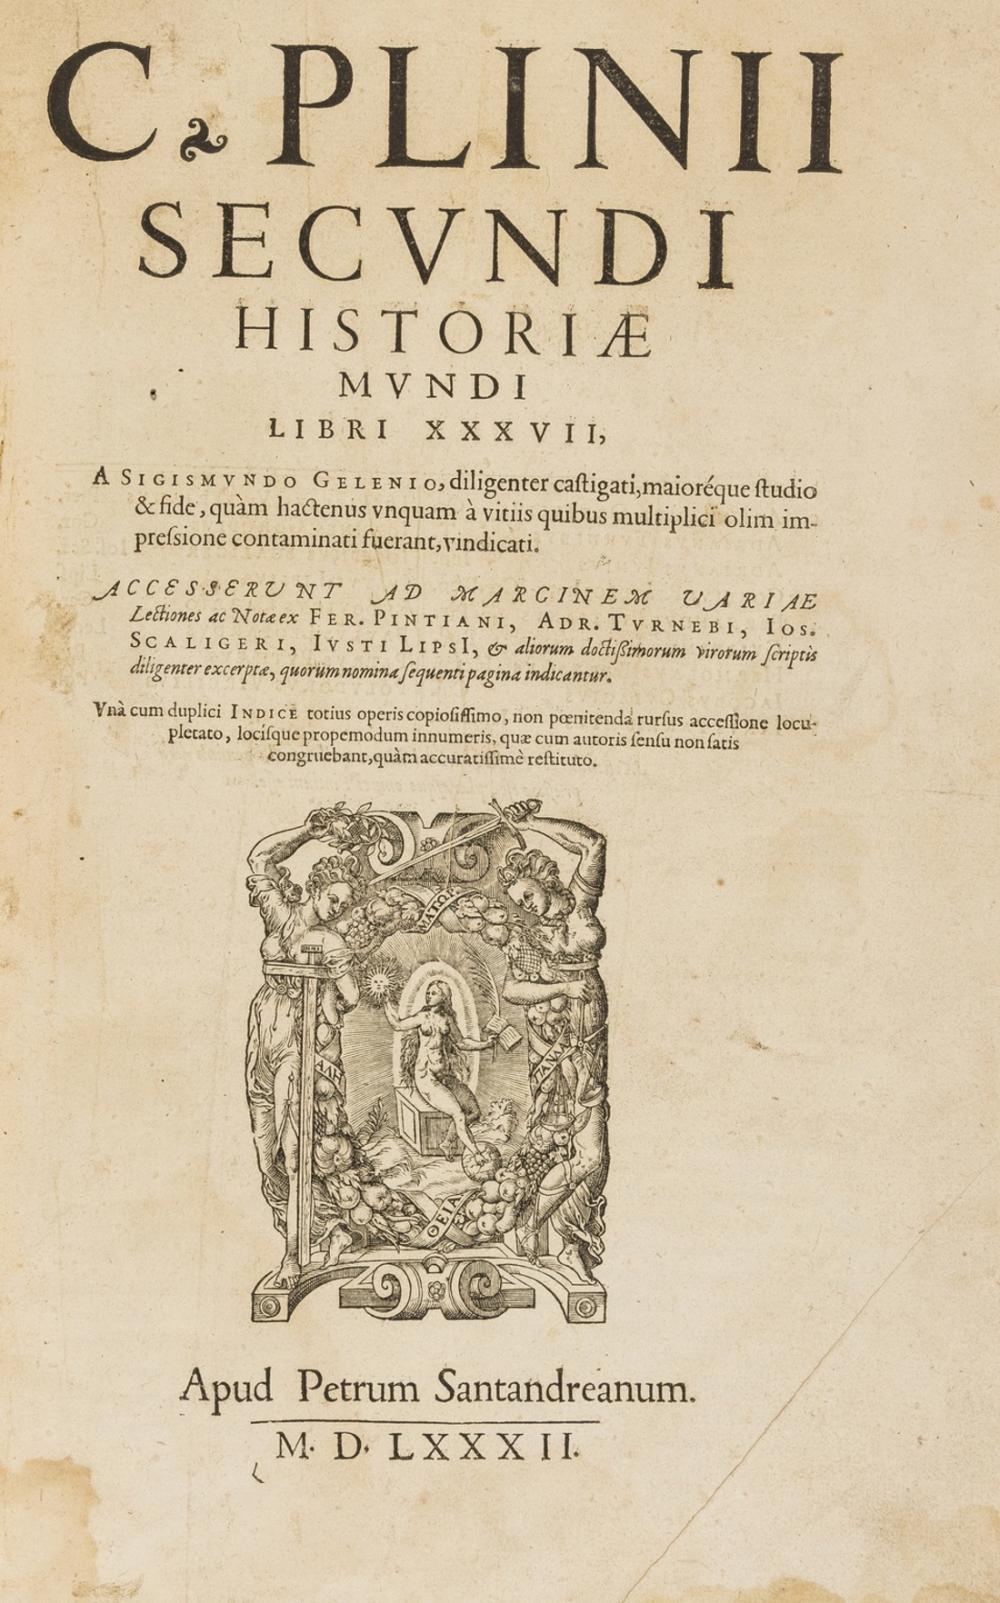 Plinius Secundus (Gaius) Historiae mundi libri xxxvii, Lyon, Petrus Santandreanus, 1582.